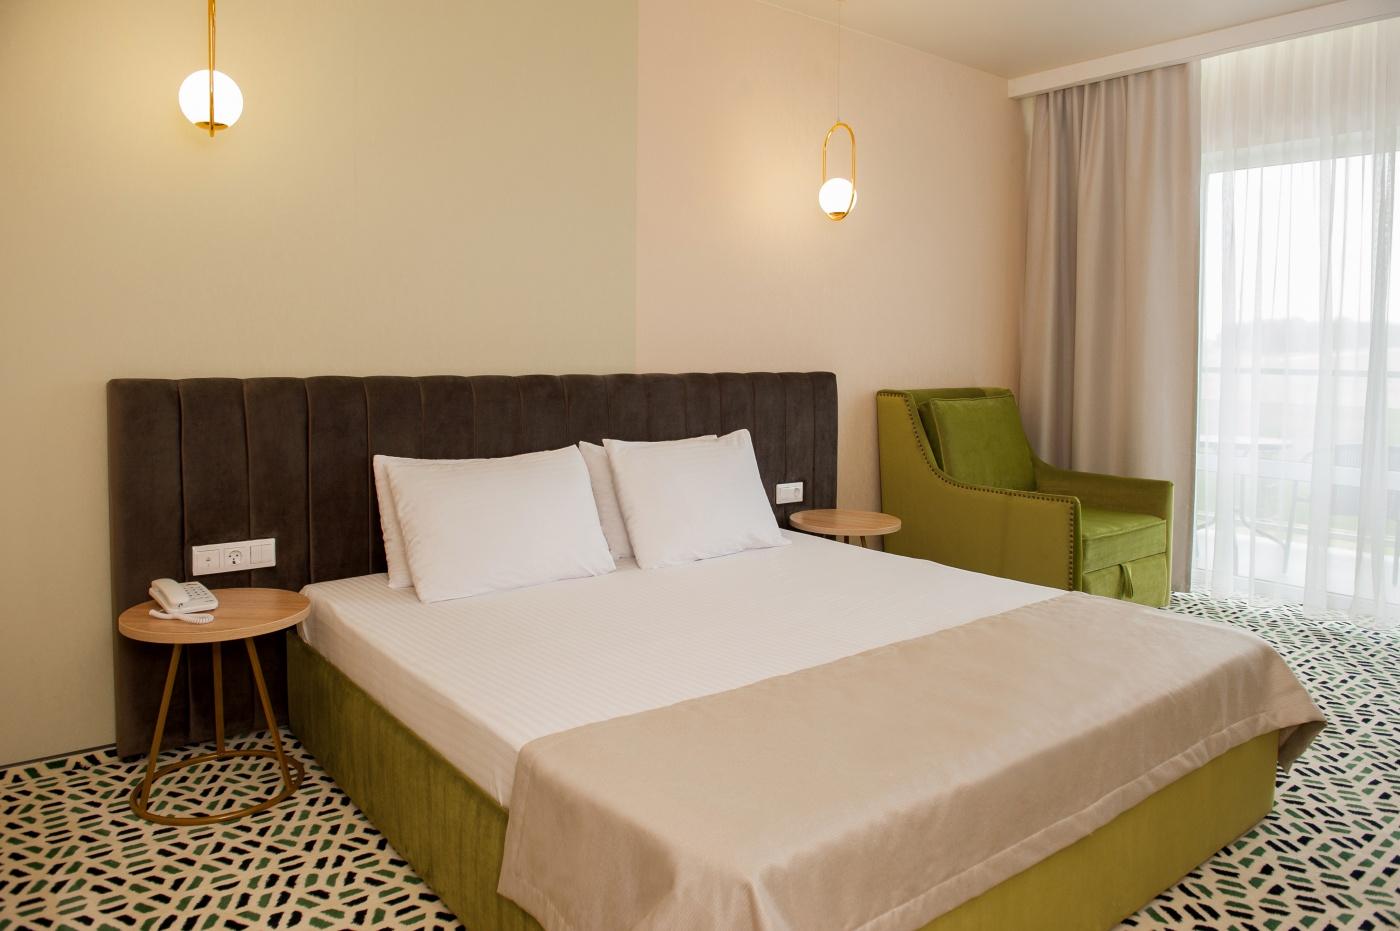 Отель «Aurum Family Resort & Spa» Краснодарский край Standard 2-местный (в корпусе), фото 1